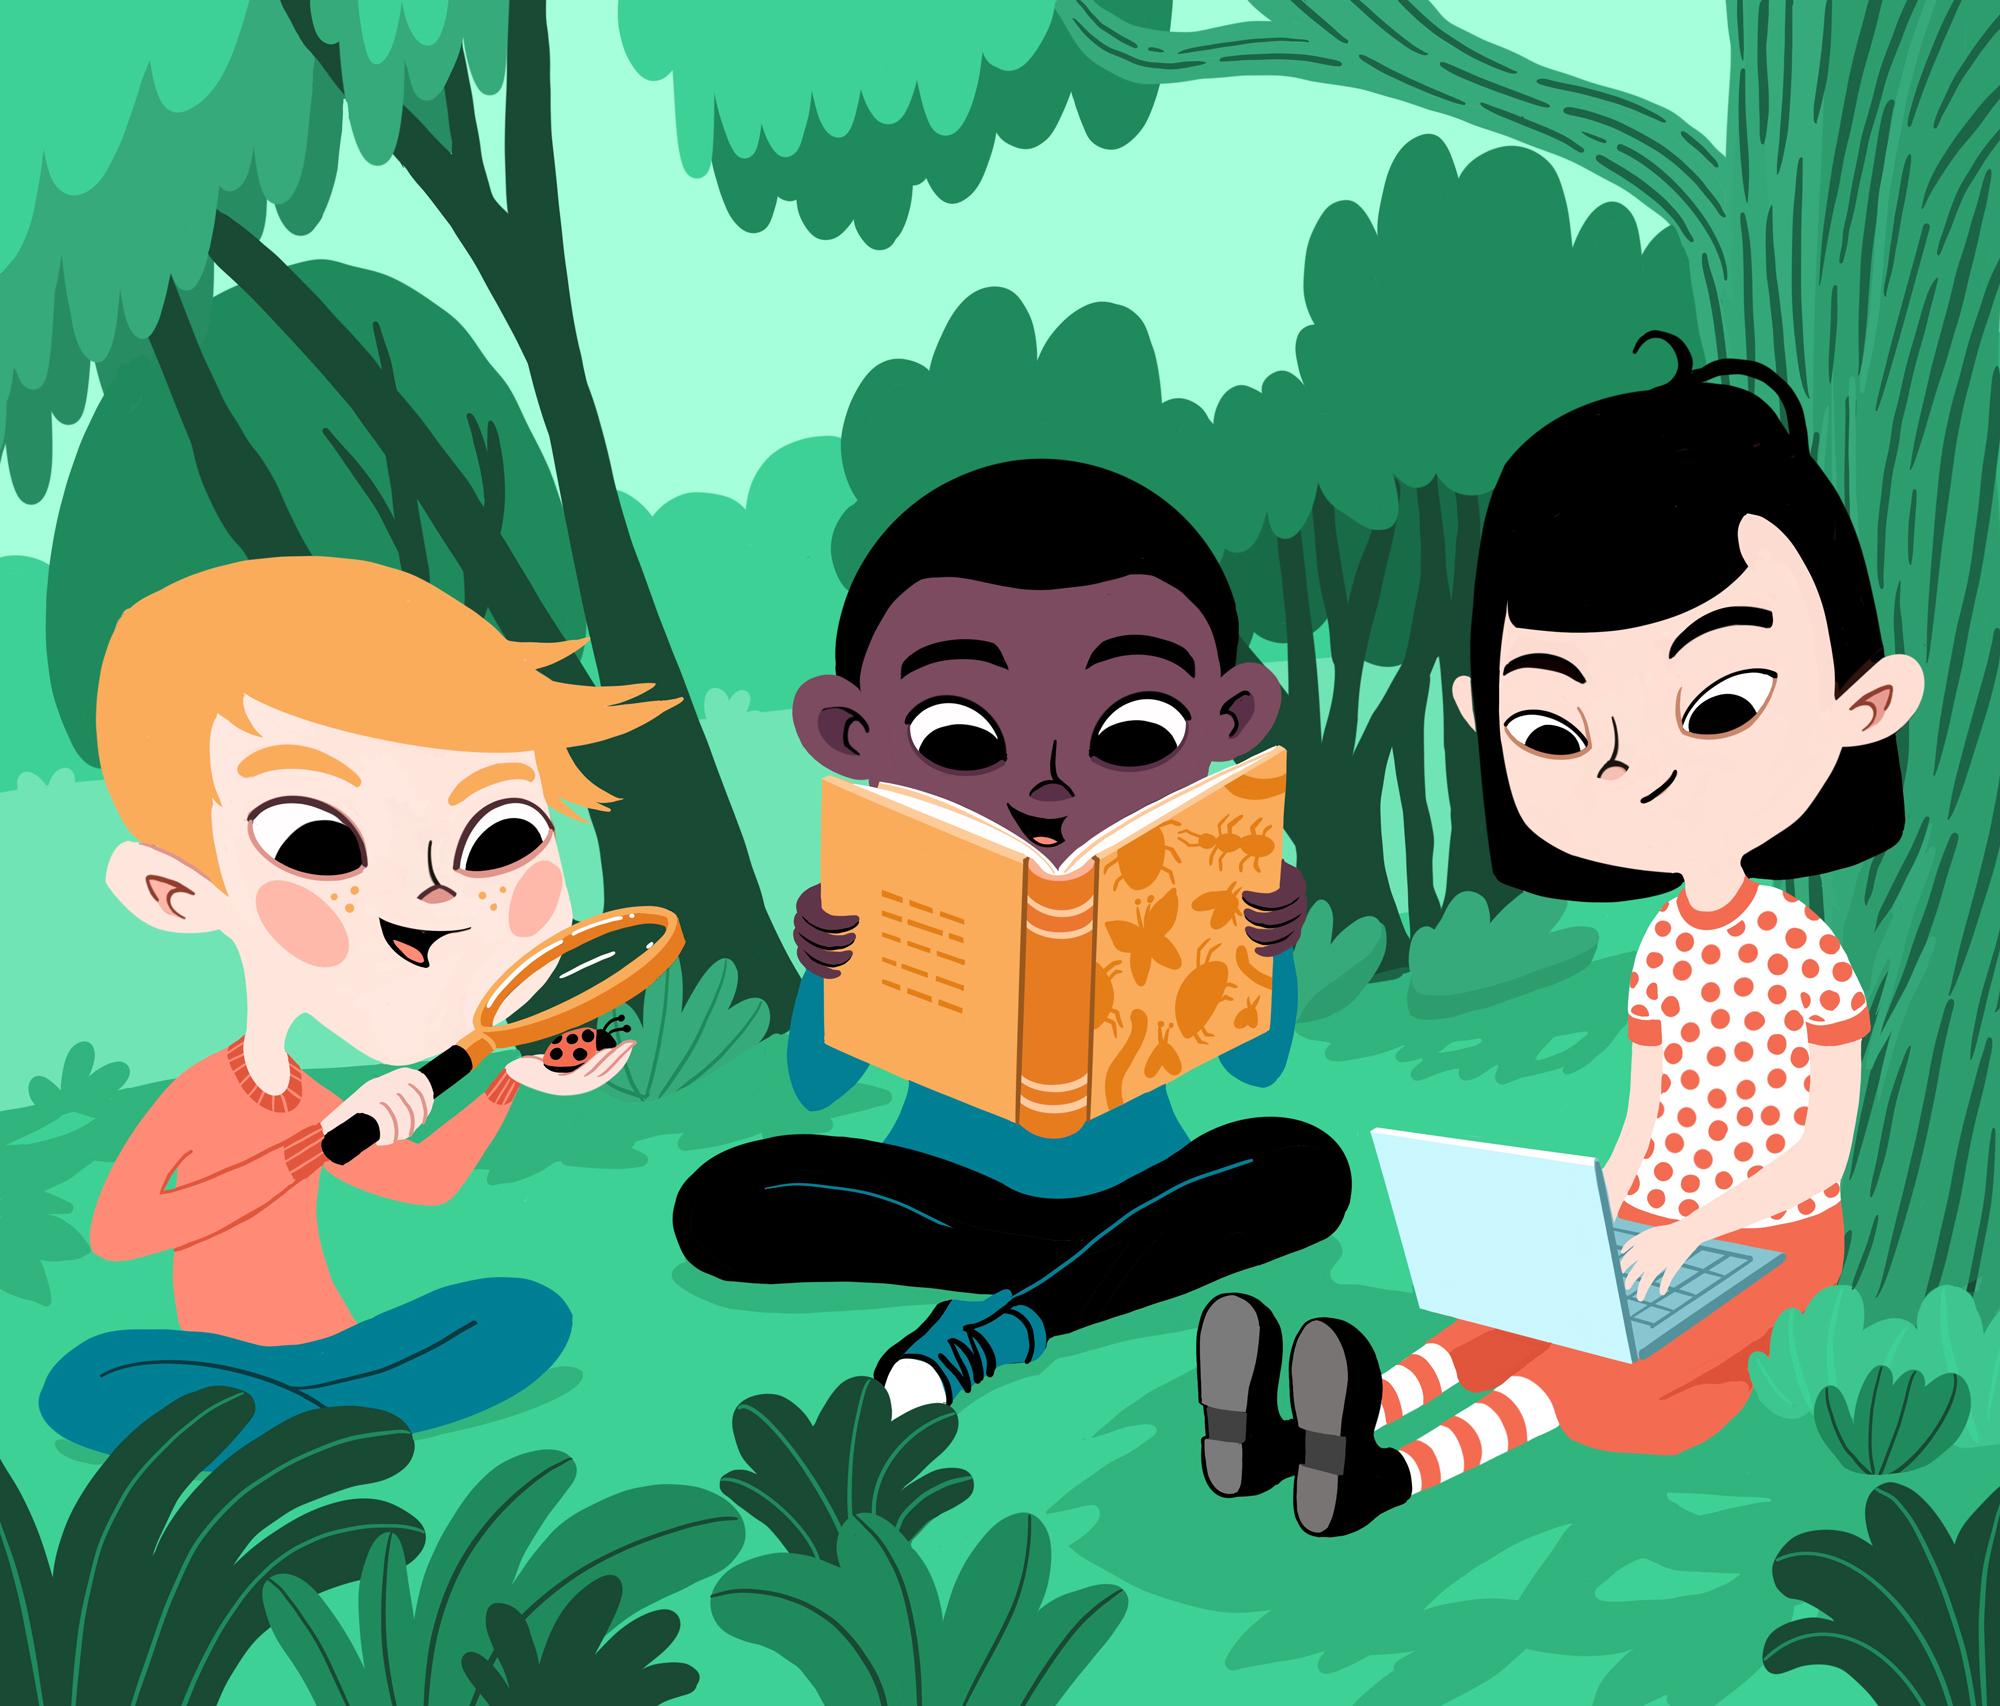 Kuvitusgrafiikkaa, jossa kolme lasta tutkivat luontoympäristössä.